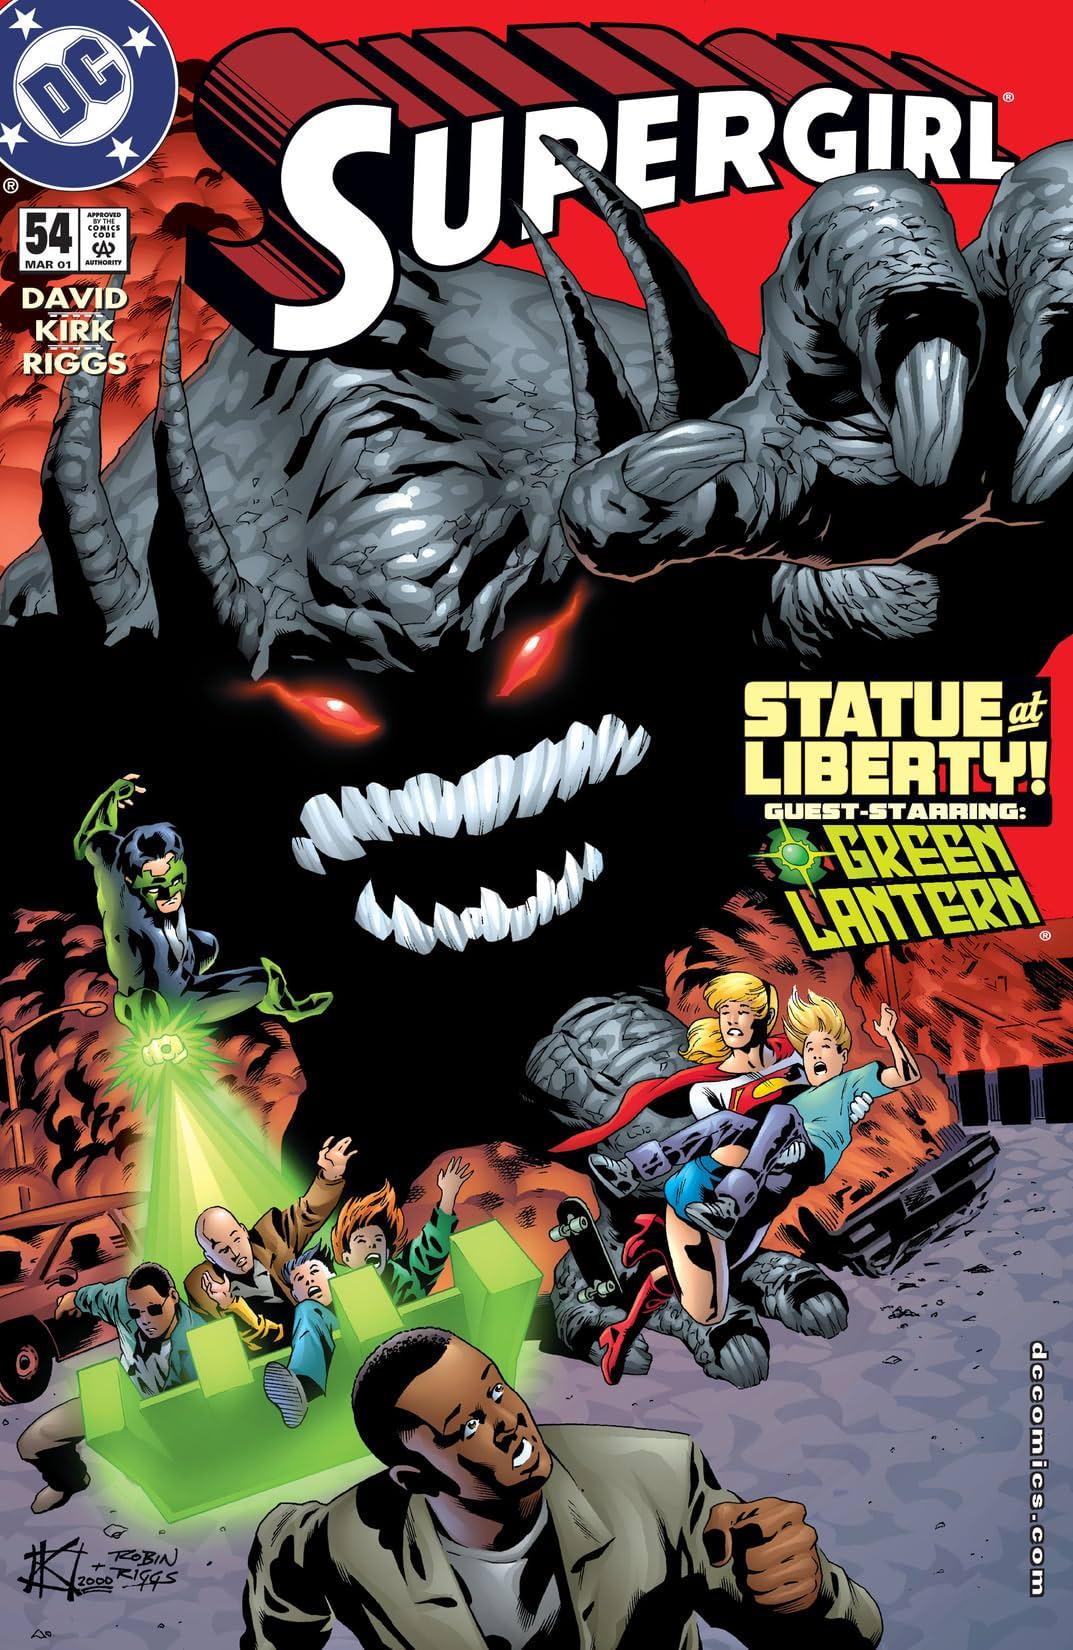 Supergirl (1996-2003) #54